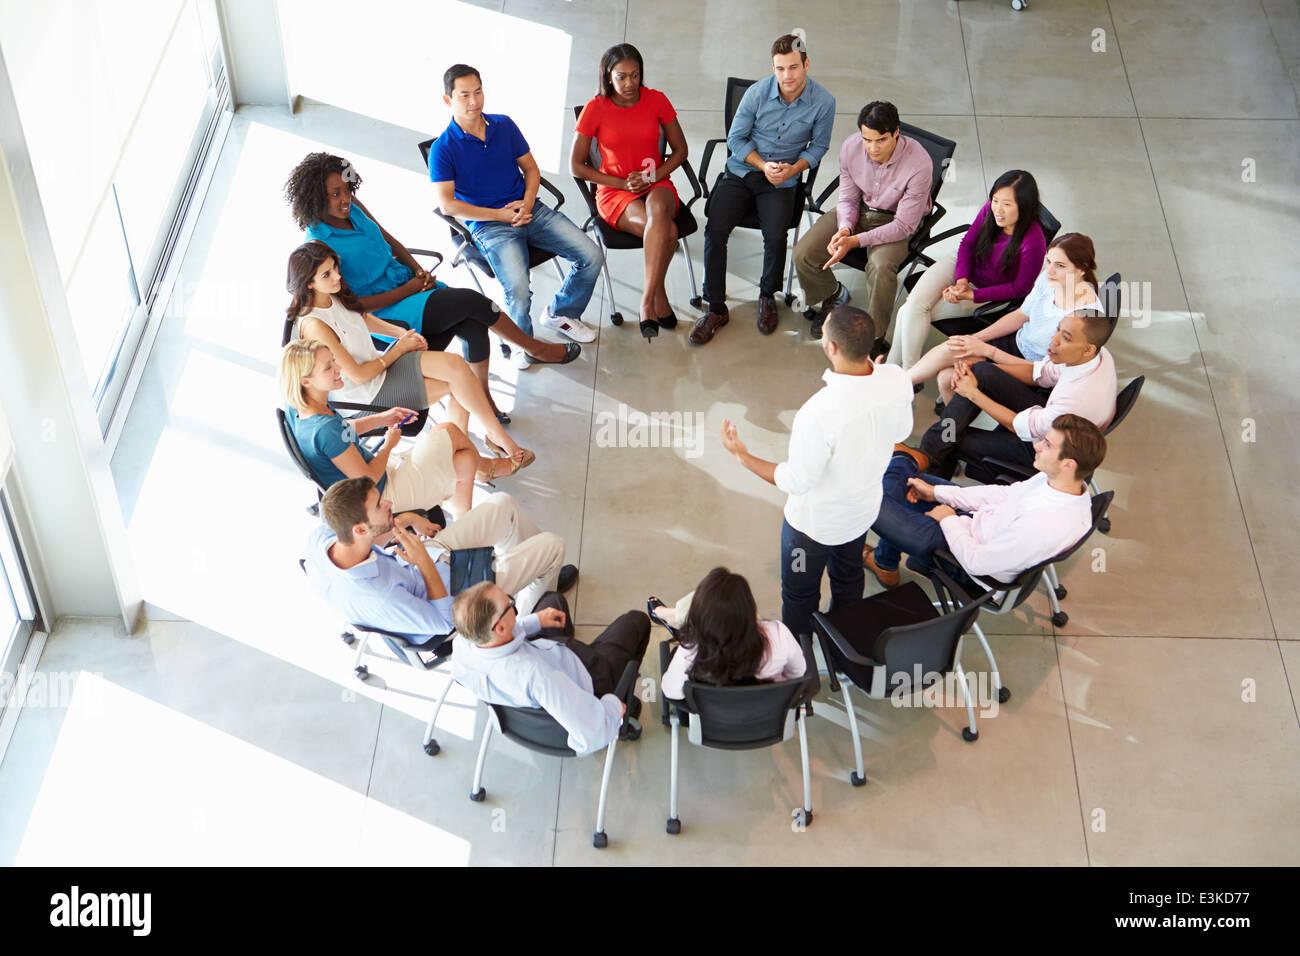 El empresario abordar Multi-Cultural Reunión de personal de oficina Imagen De Stock